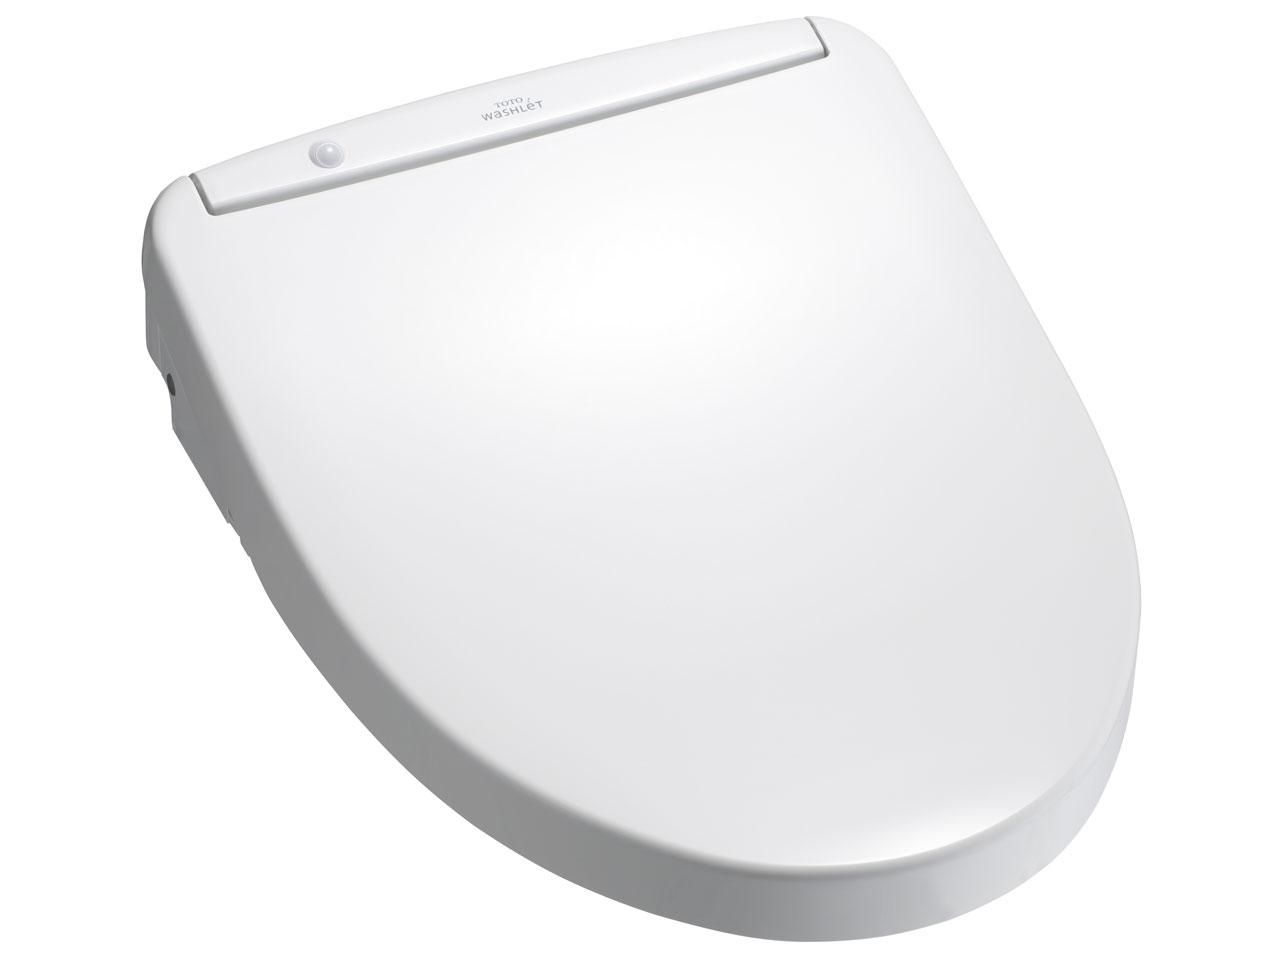 アプリコット F3AW TCF4833AM の製品画像